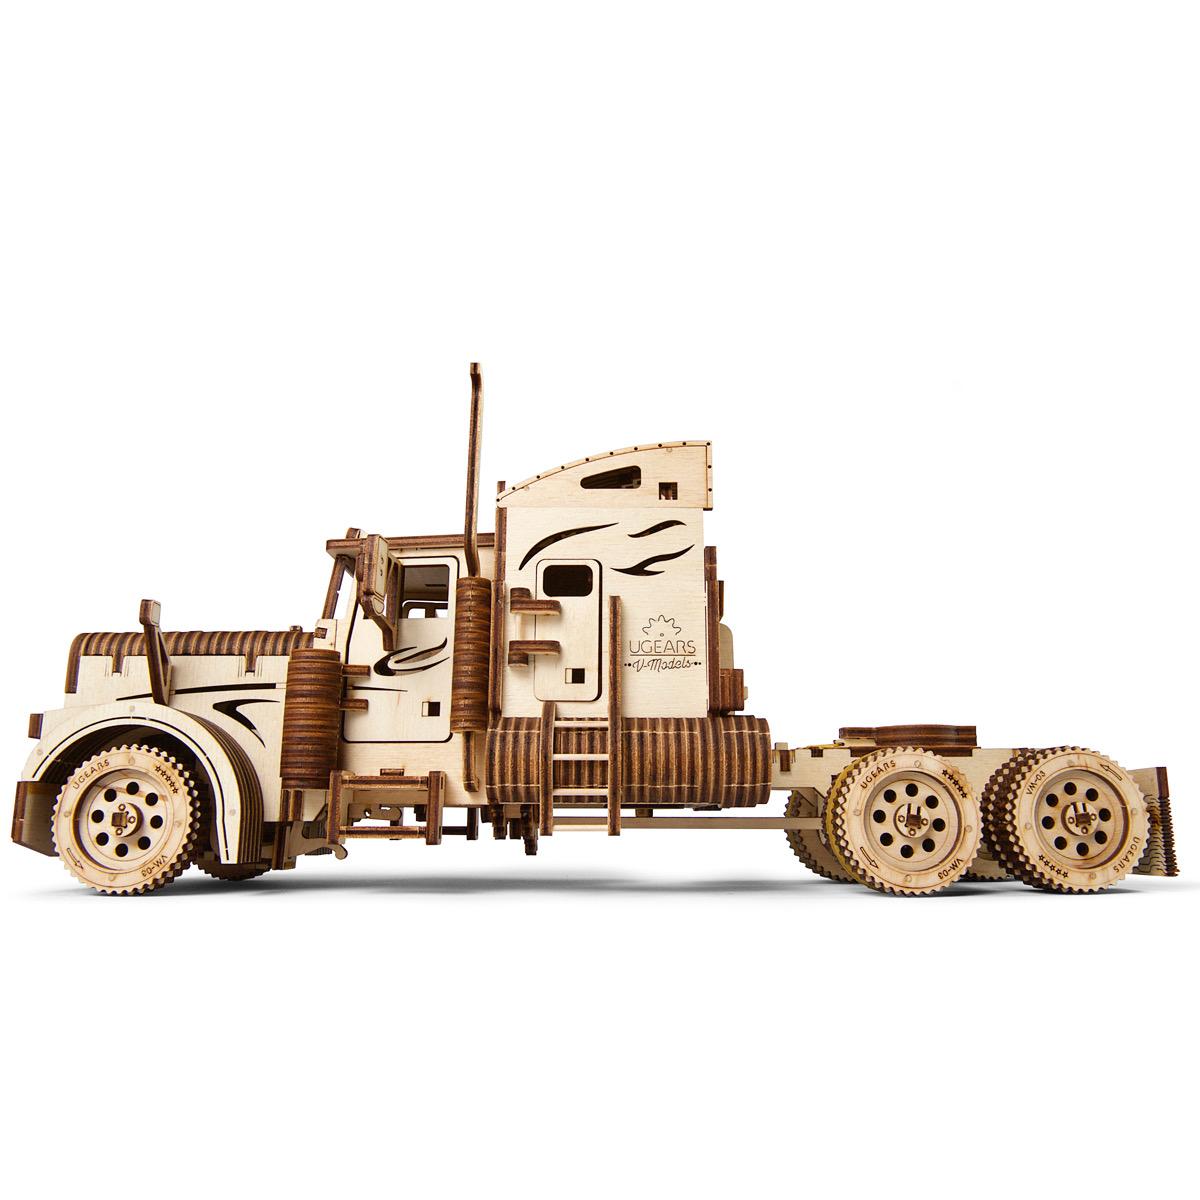 Ugears Heavy Boy Truck Vm 03 Laser Cut Wood 541 Parts